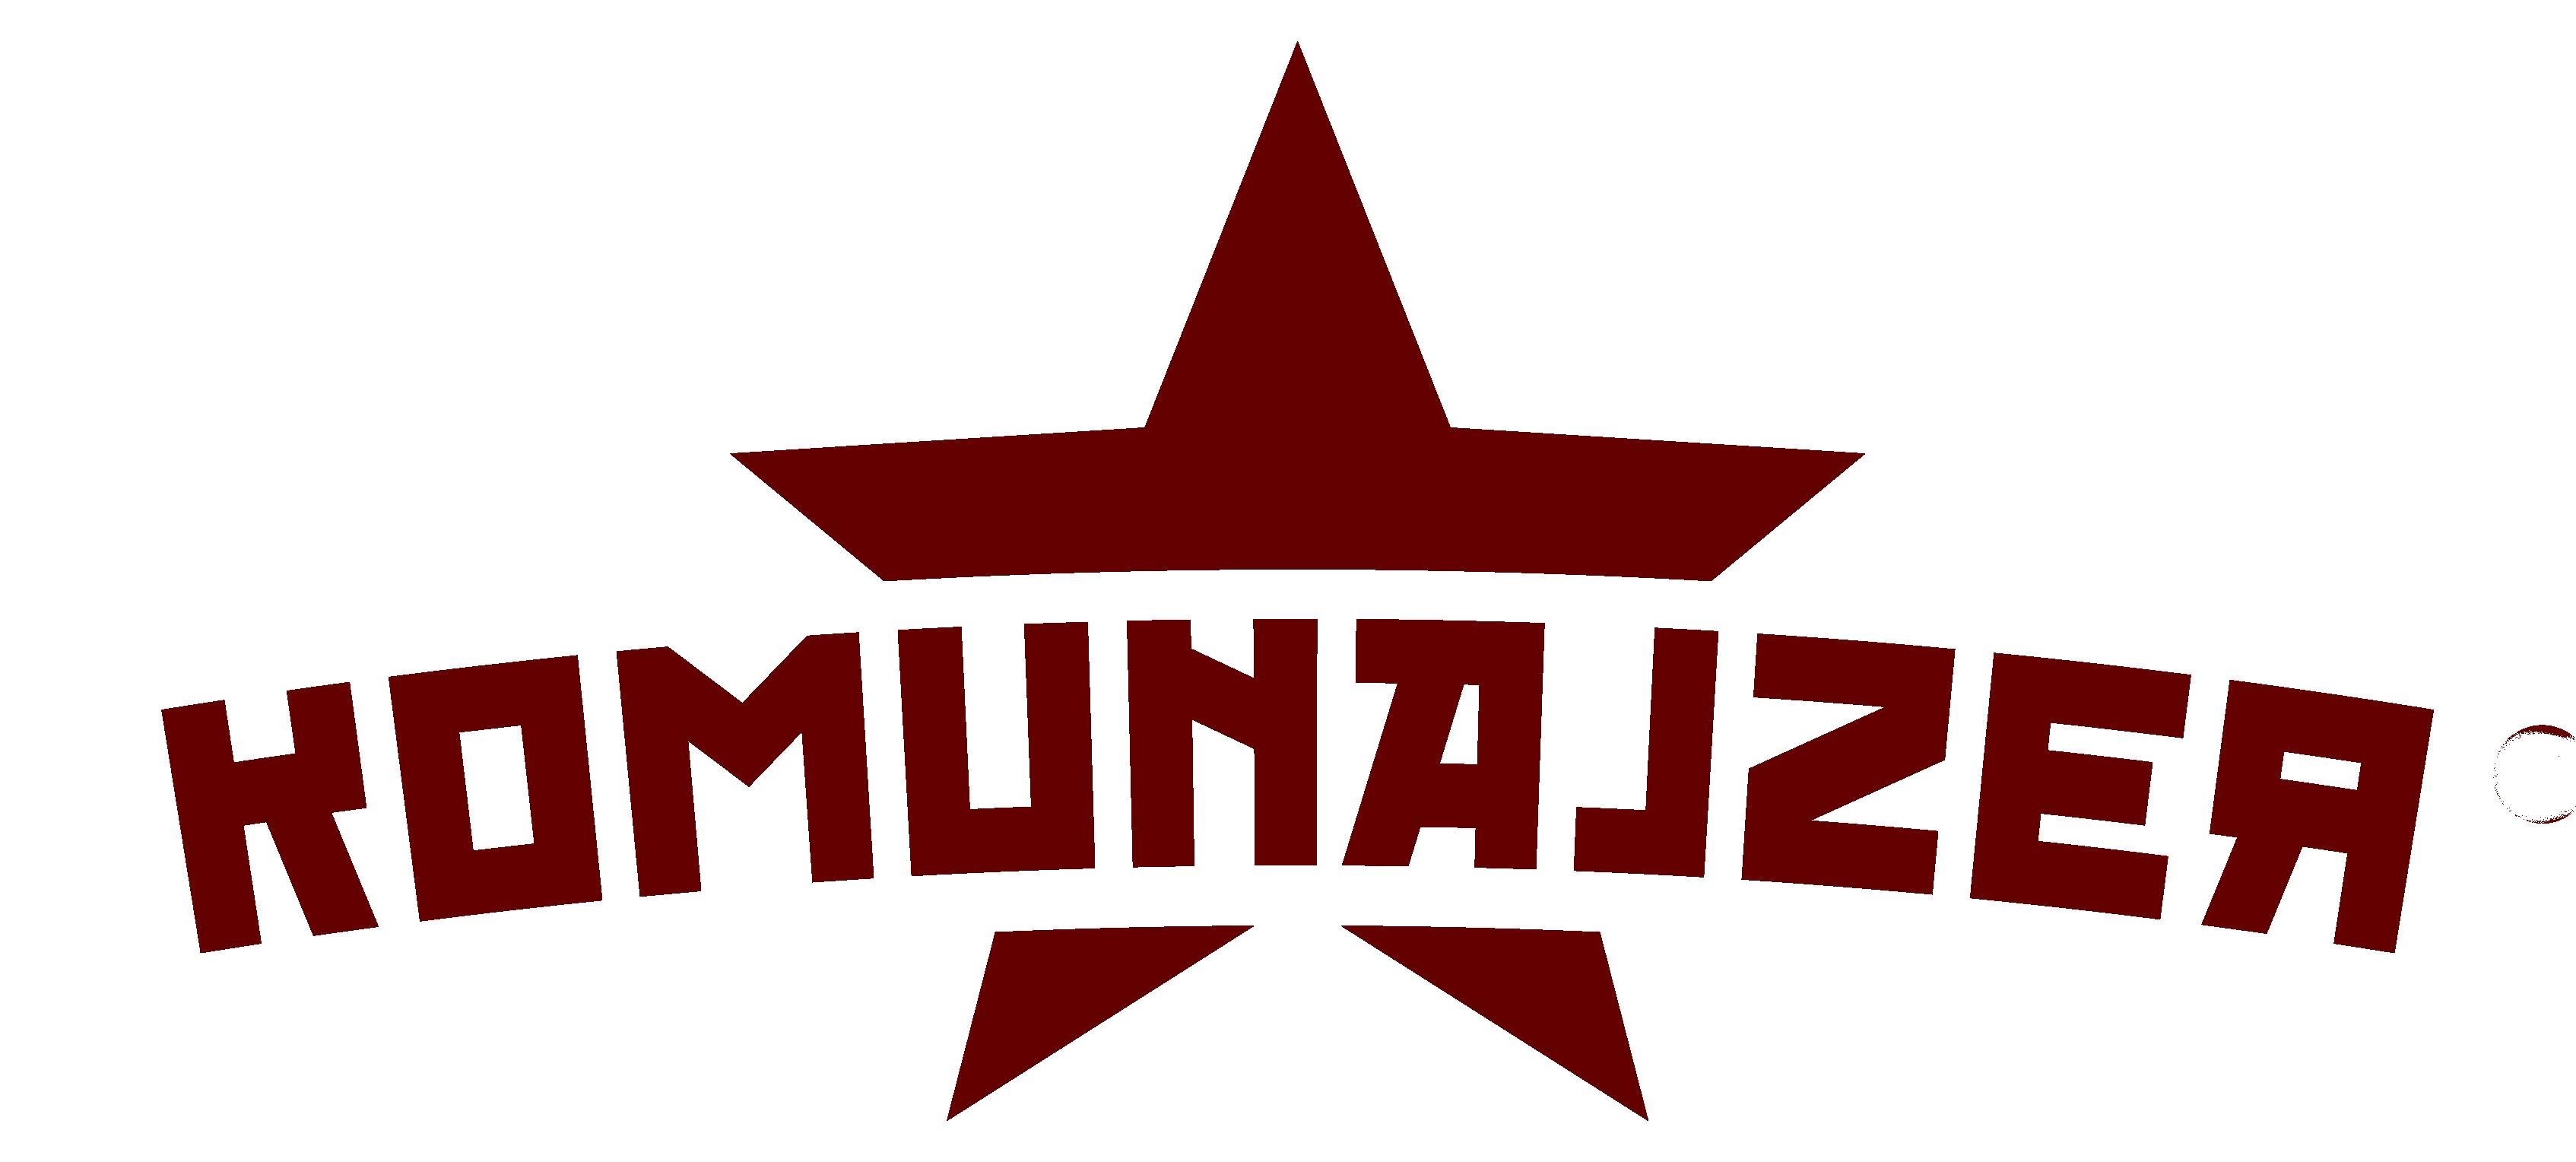 Komunajzer